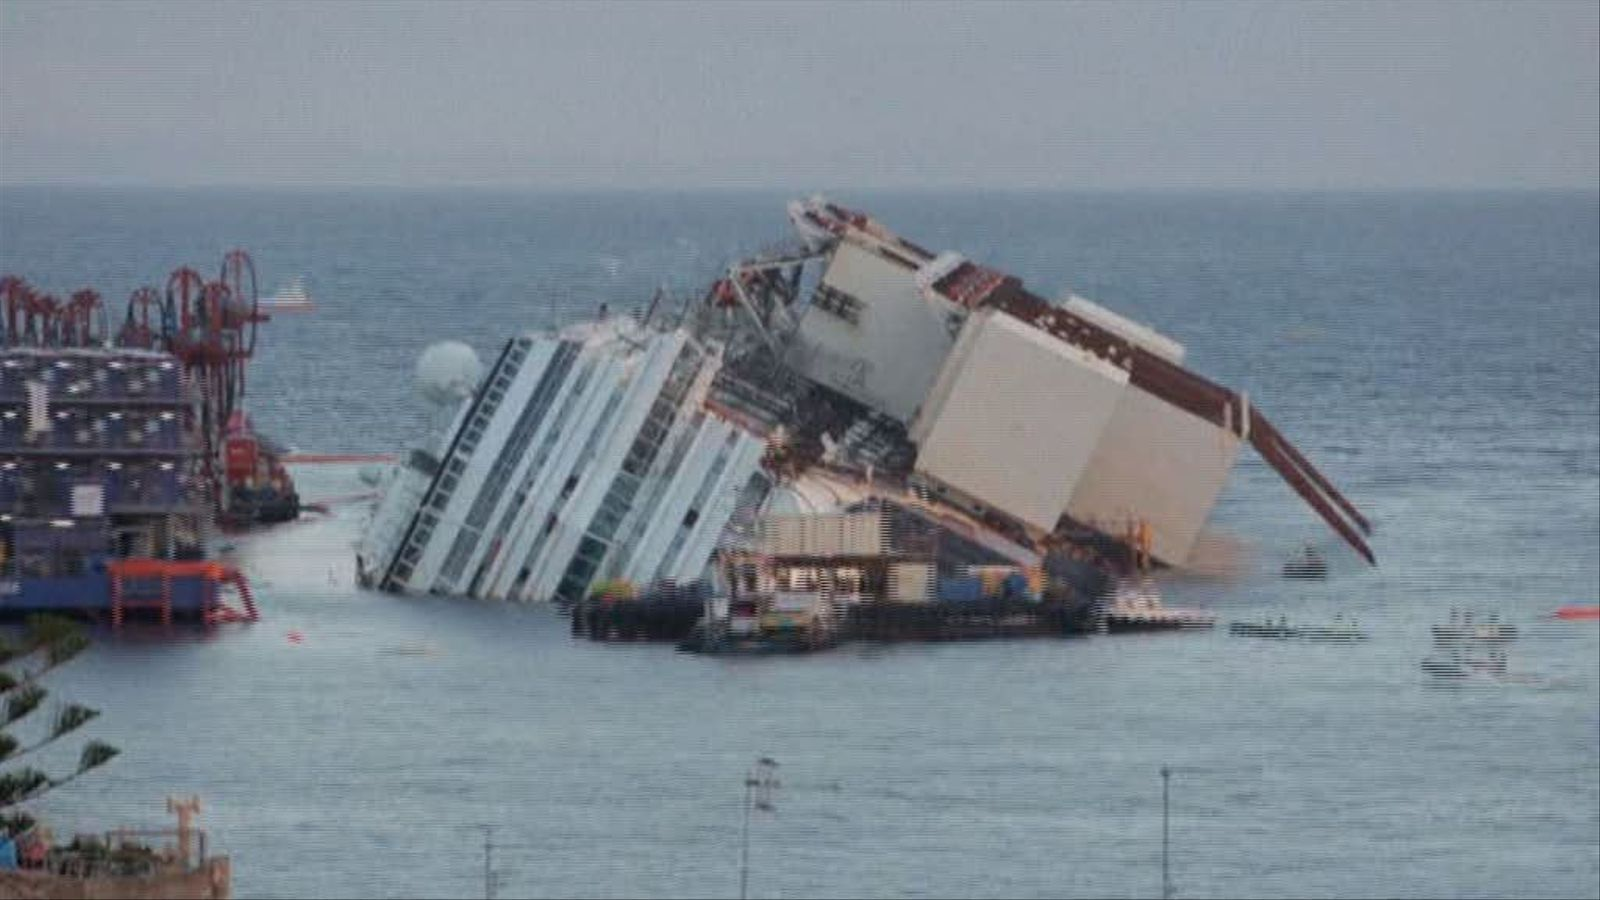 Així s'ha reflotat el 'Costa Concordia': el 'time lapse' en 1 minut